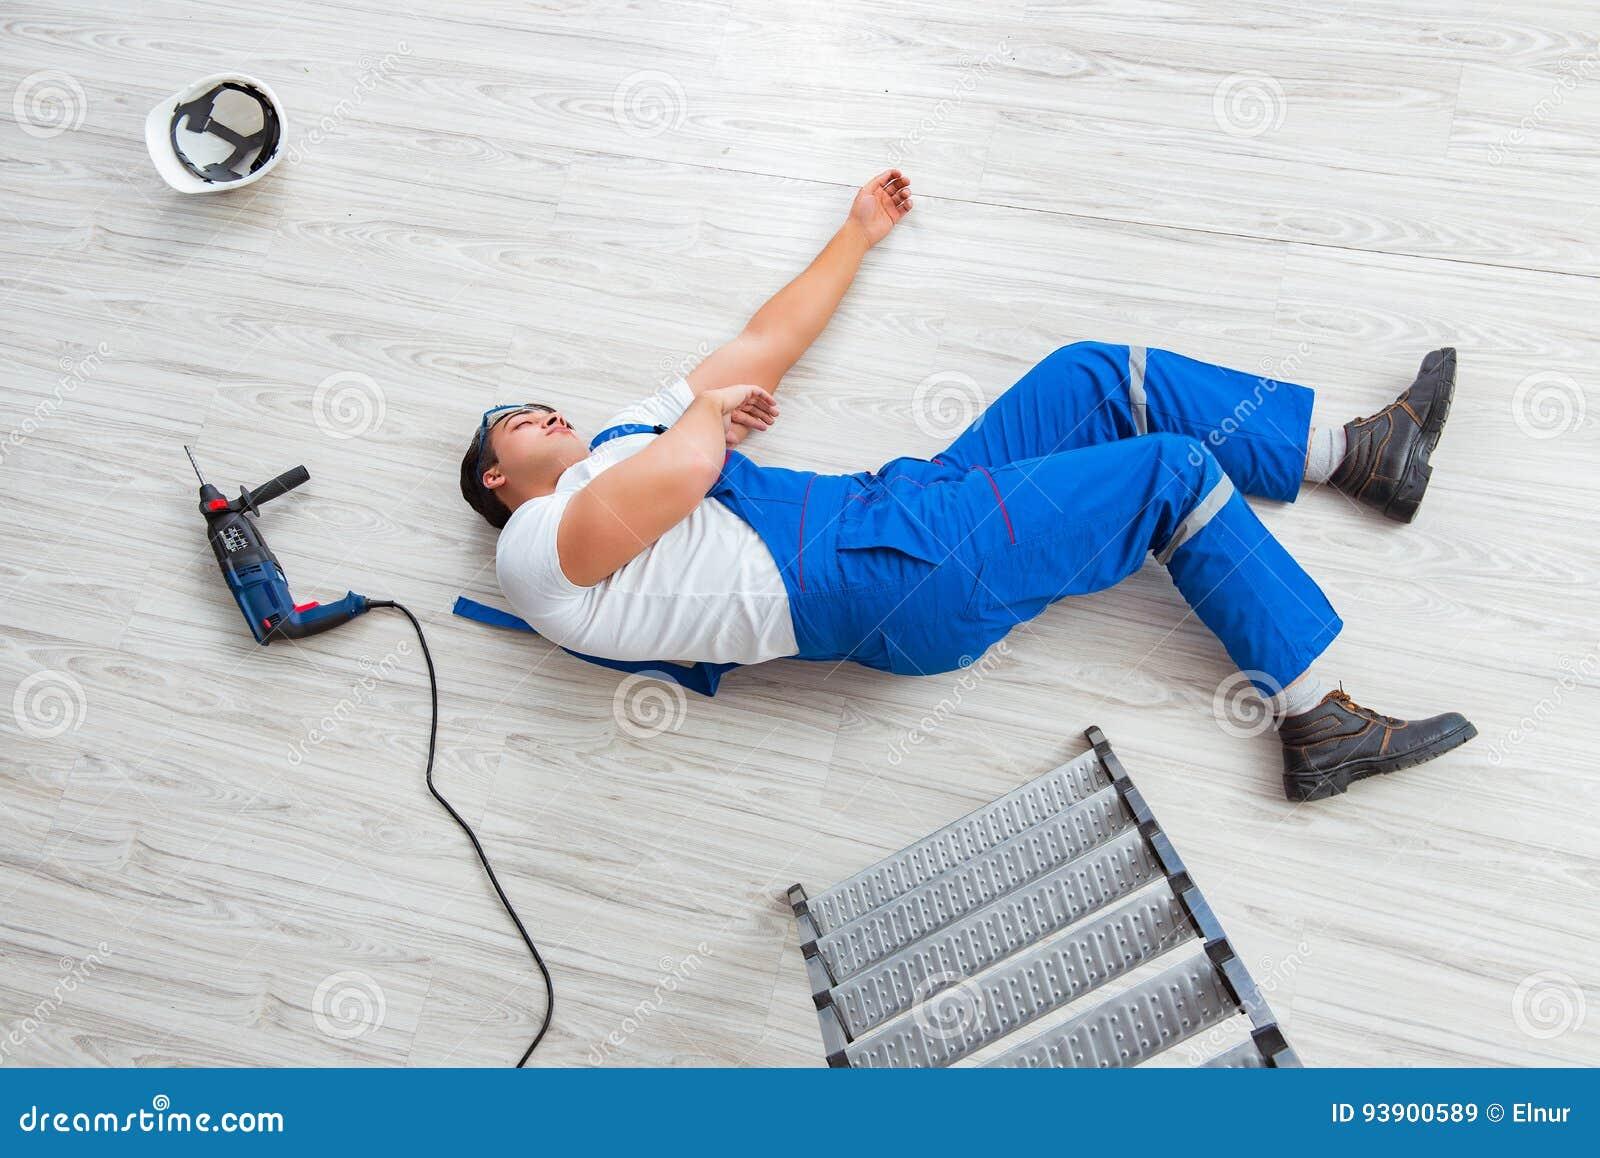 Die Arbeitskraft nachdem dem Fallen von der Höhe - unsicheres Verhalten